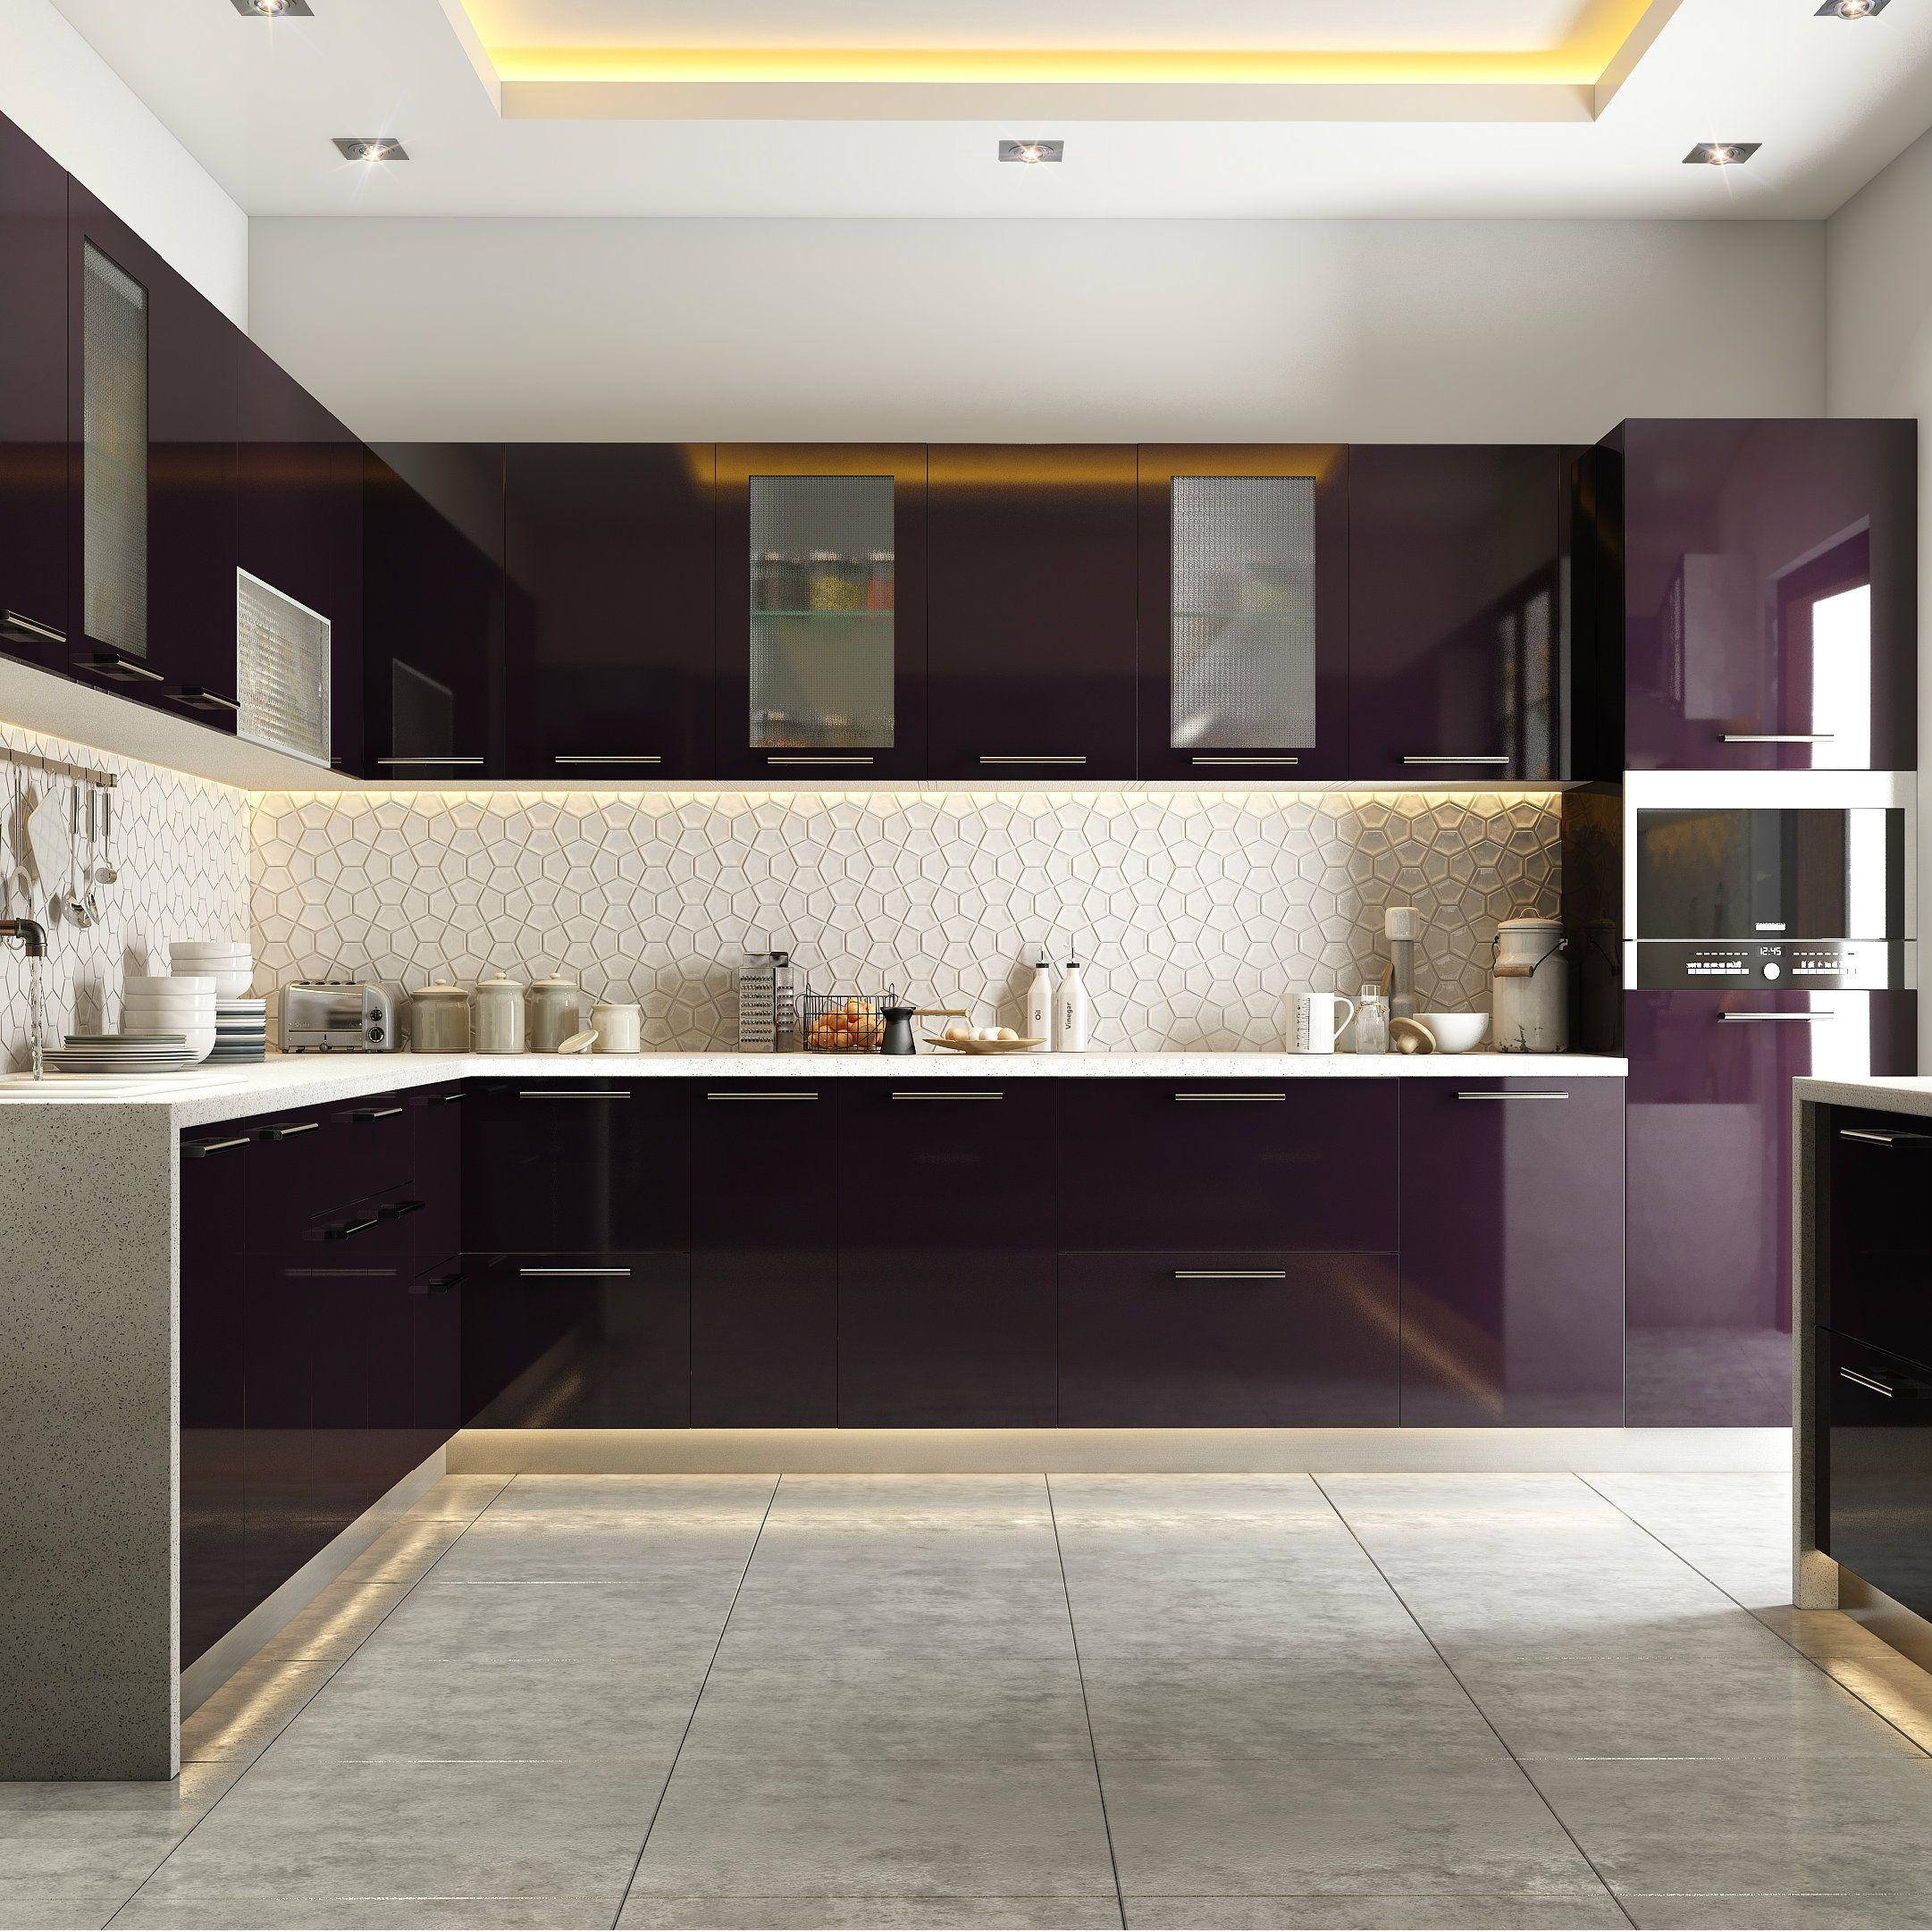 modular kitchen design modular kitchen in burgundy tones IHZQQJP